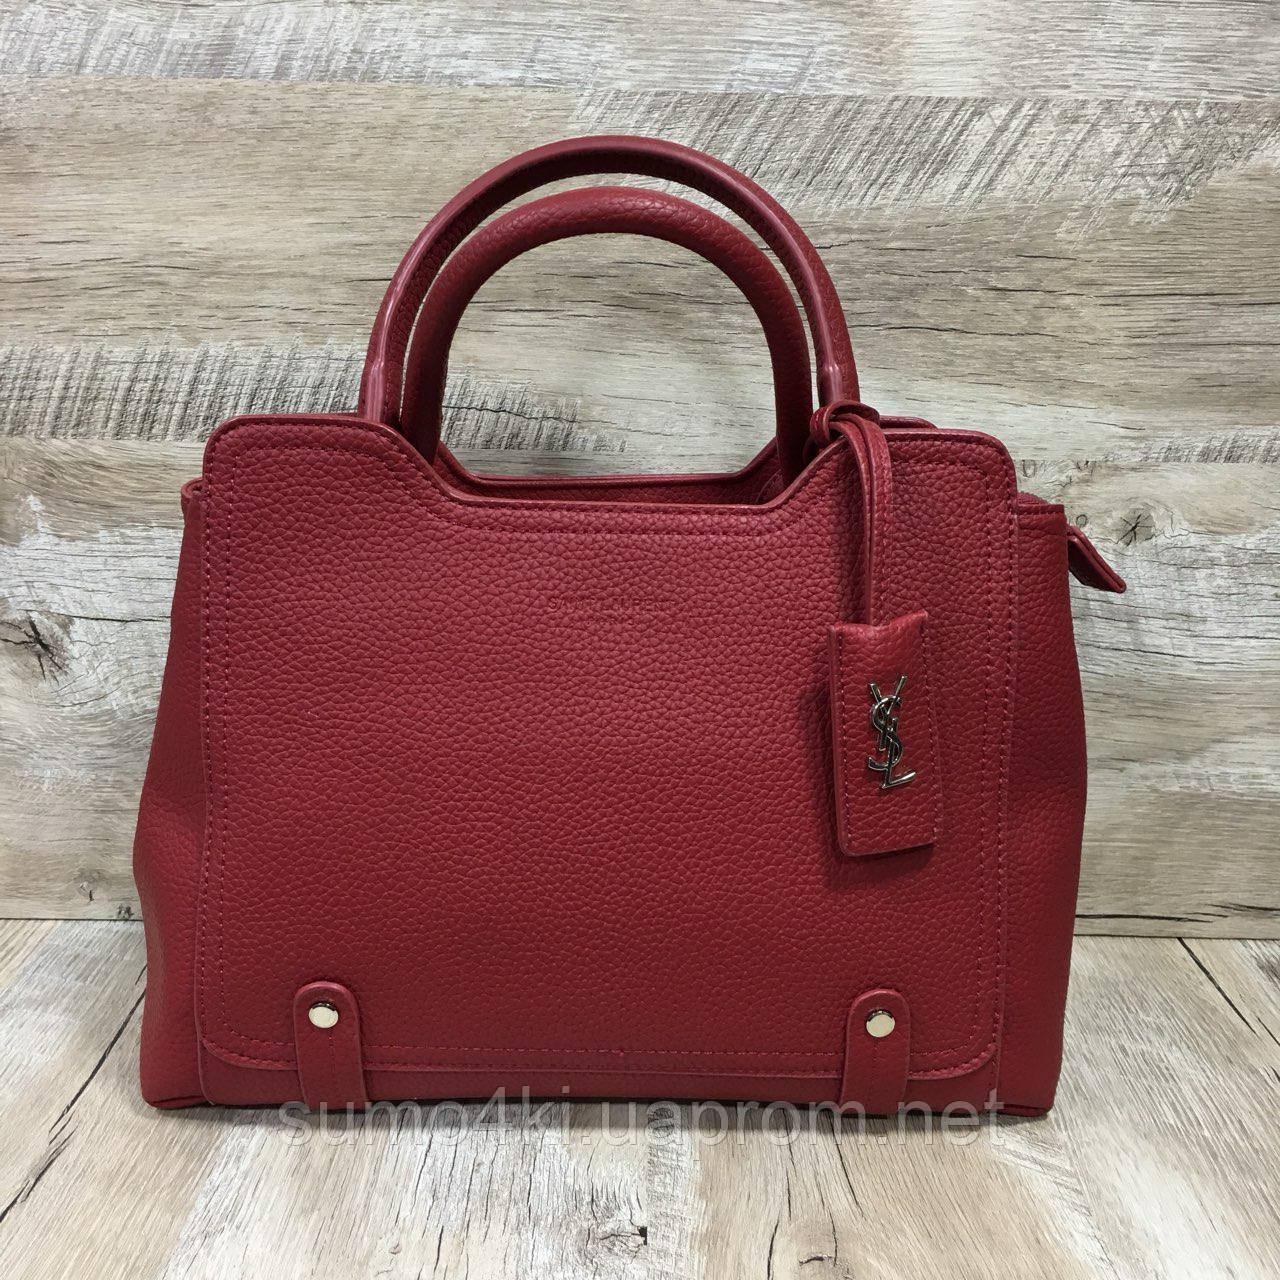 878d314dccac Купить Женскую сумку Yves Saint Laurent оптом и в розницу в Одессе ...